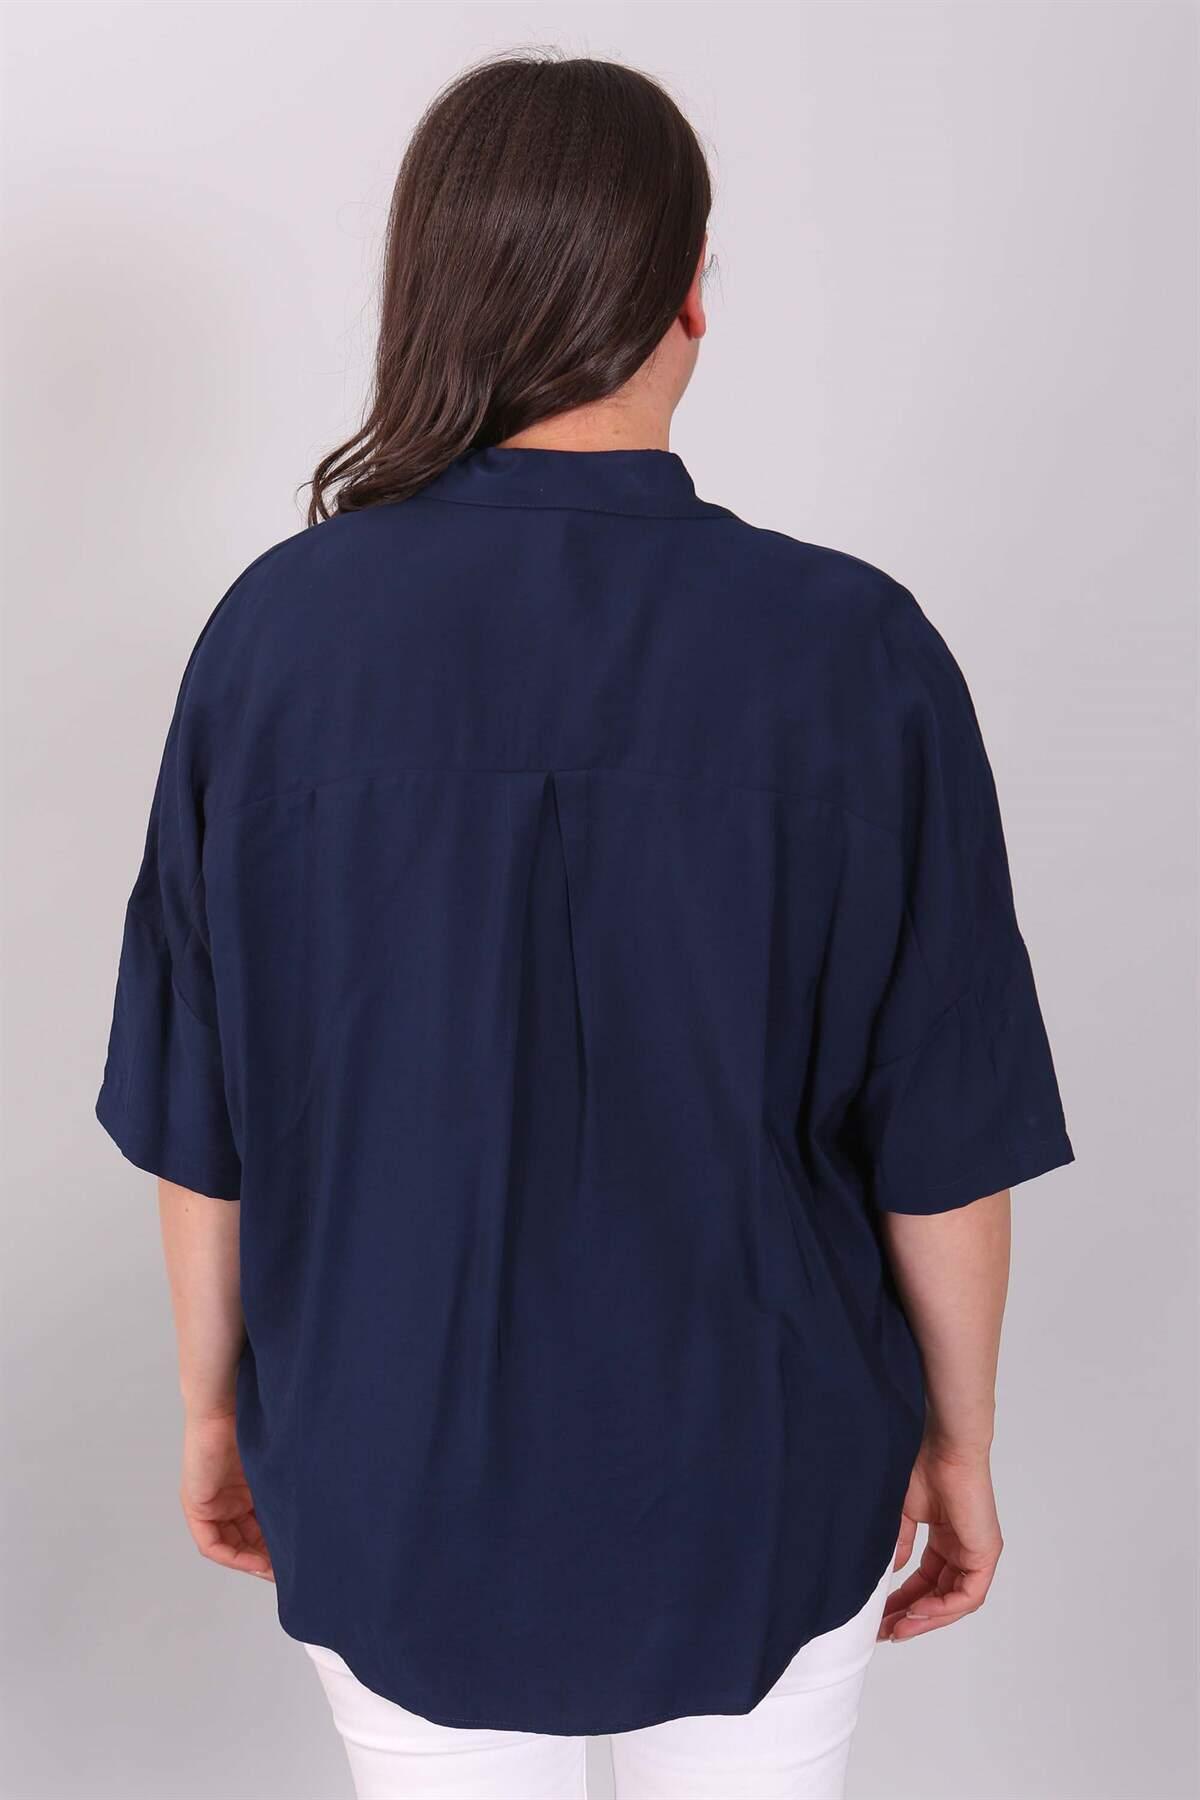 Taş Baskılı Yıldız Desenli Lacivert Gömlek